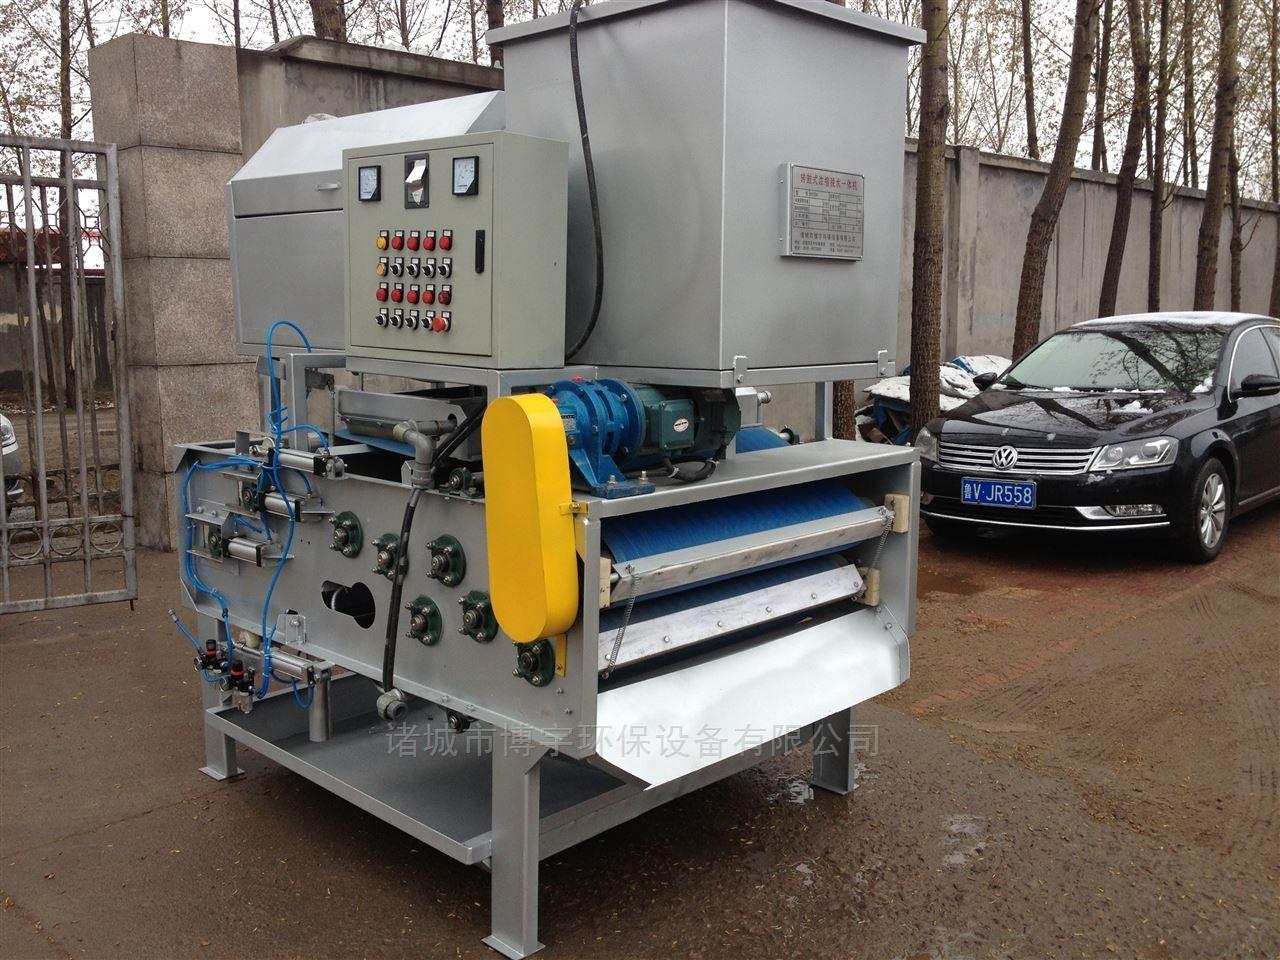 转鼓式浓缩脱水一体设备 价格低 质量优